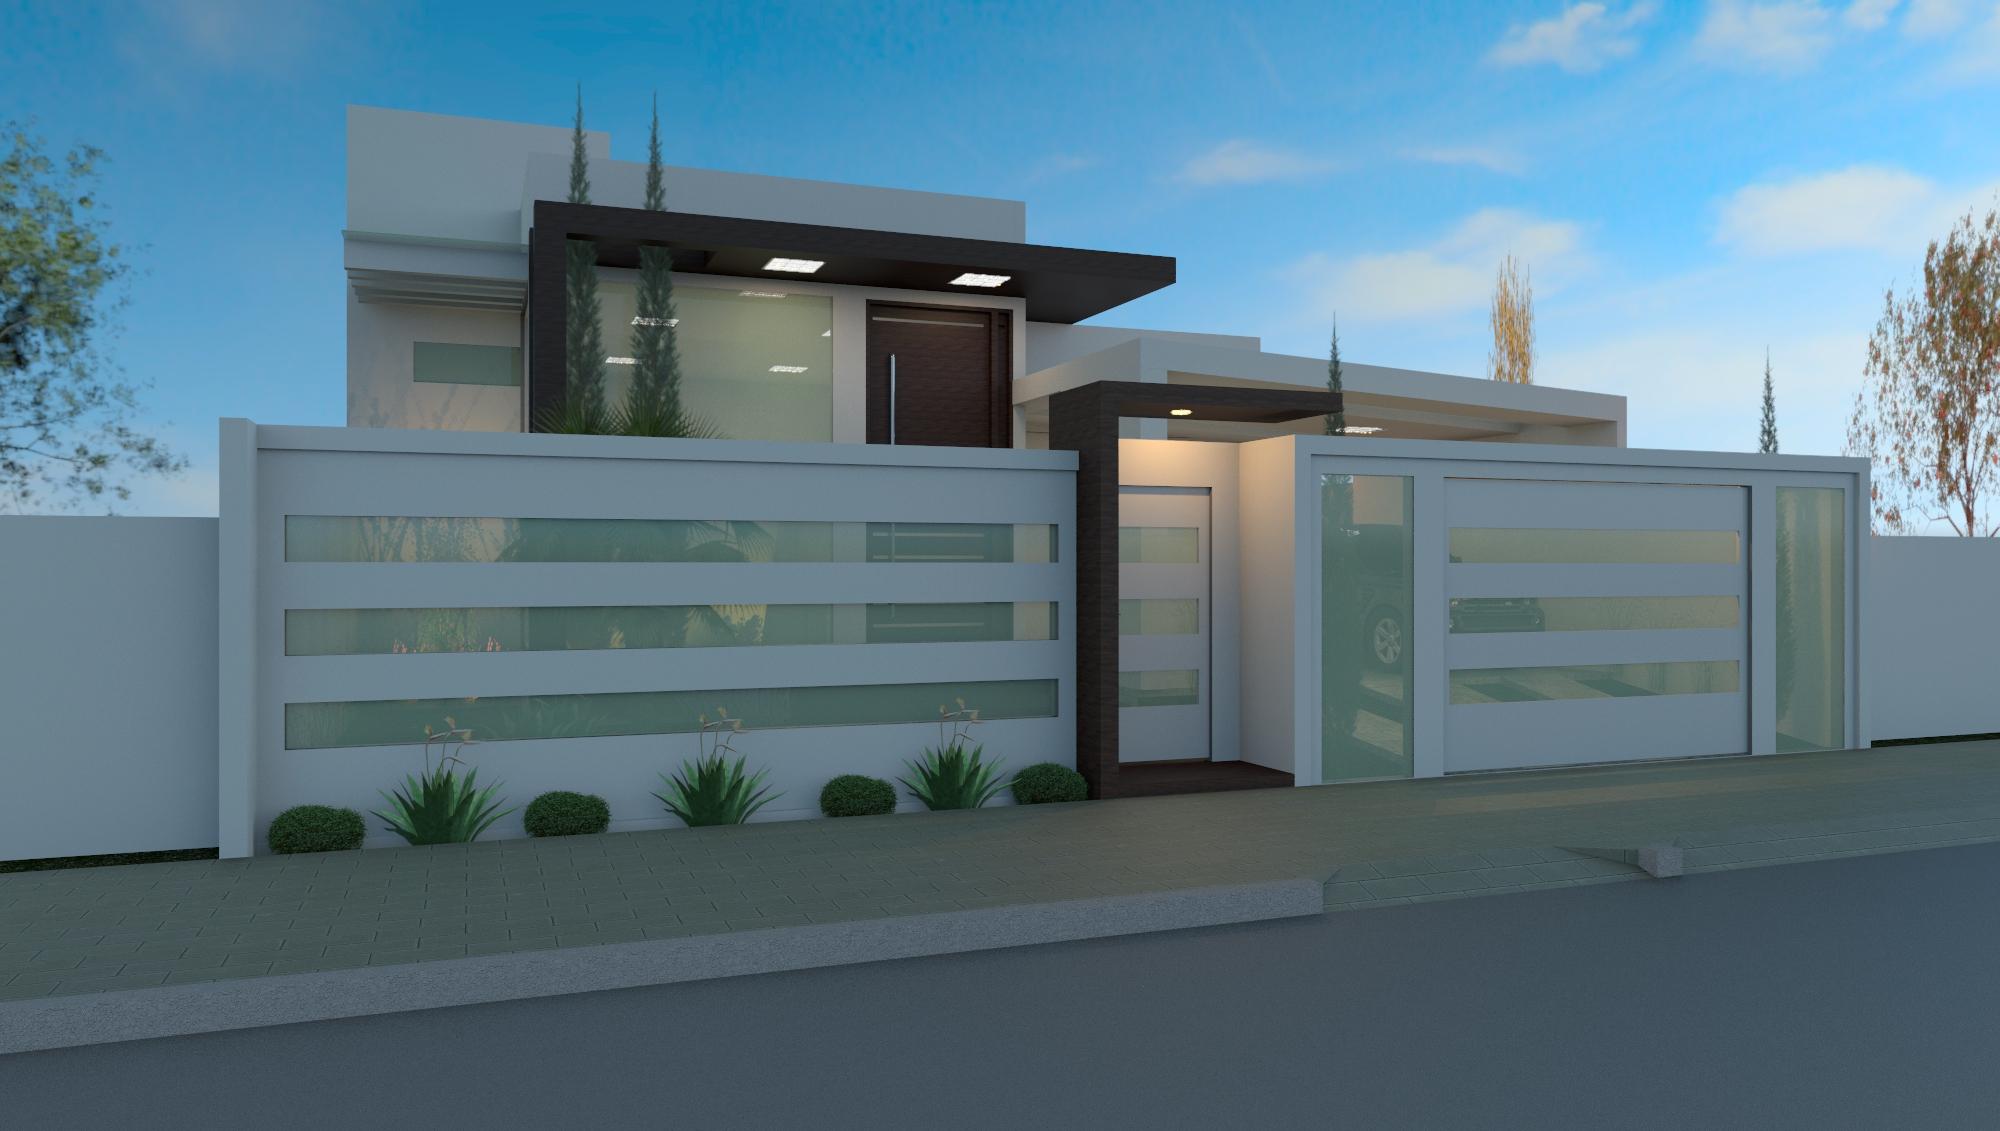 38 casas modernas para inspirar - Distribuciones de casas modernas ...